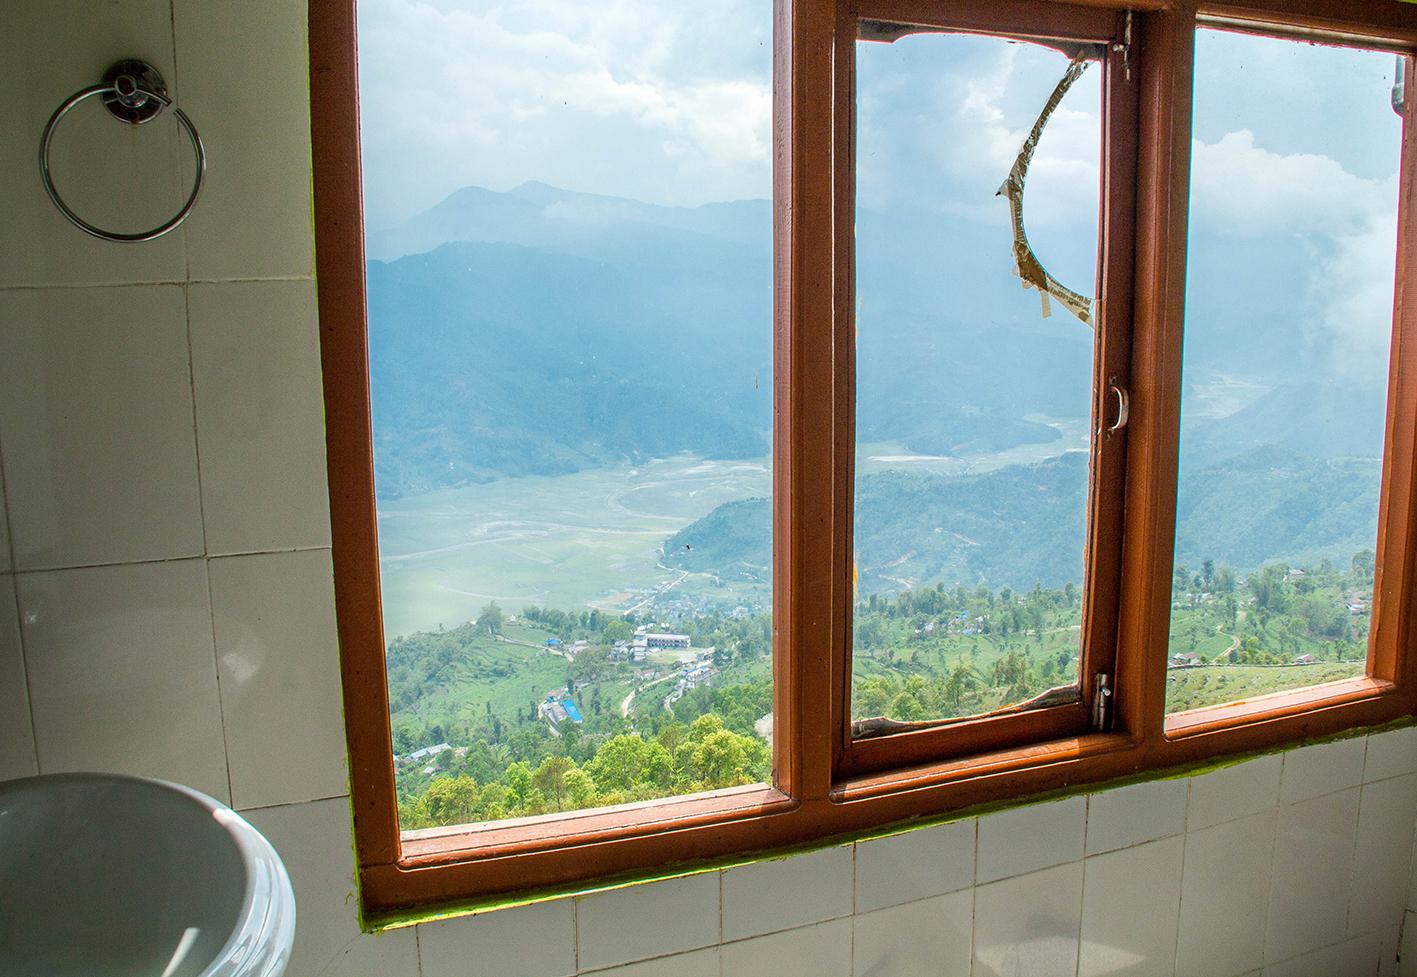 Utsikten från badrummet.